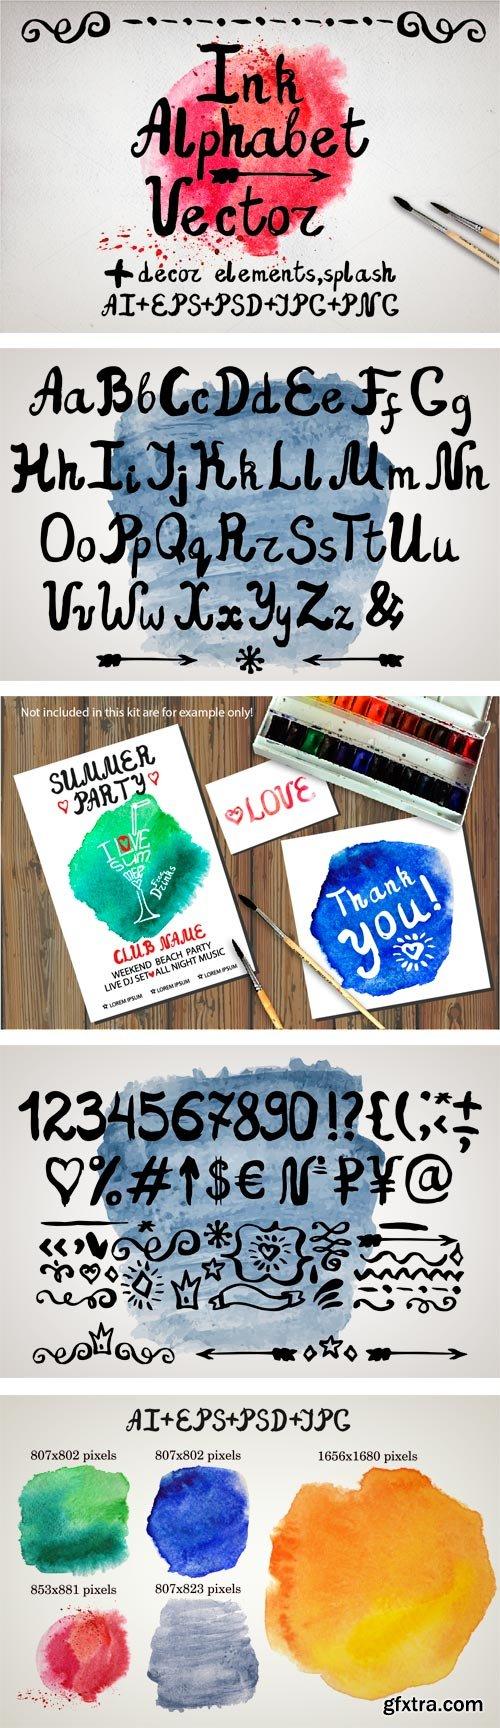 CM 299385 - Ink Brush Font Bundle 01